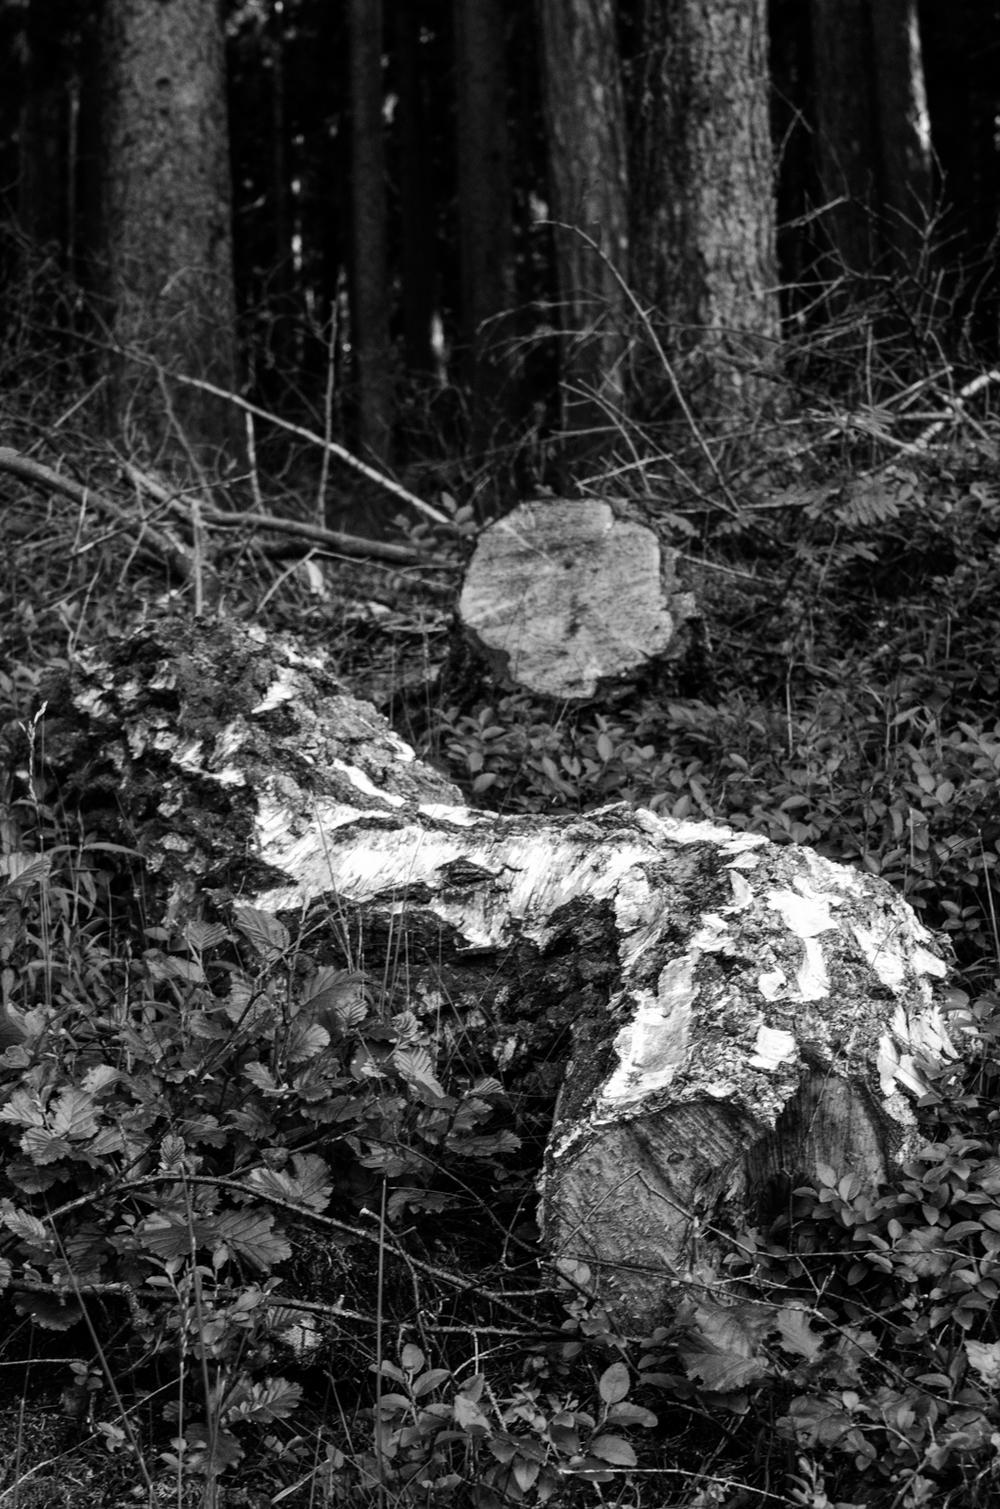 Project 365: #145 - Fallen tree